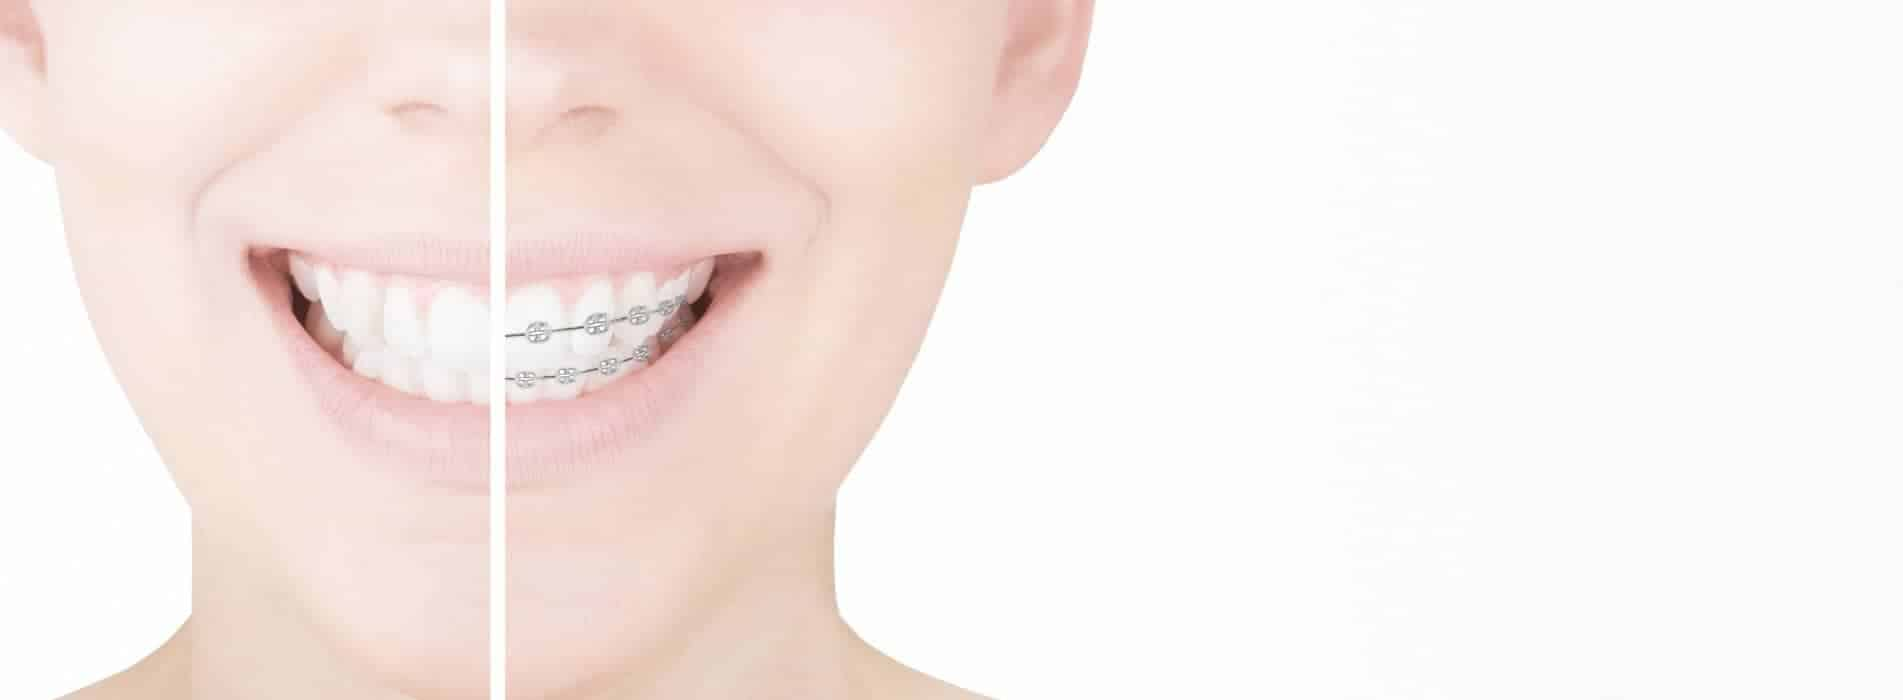 clinica-dentale-pavia-ortodonzia-caprioglio-alberto-claudia